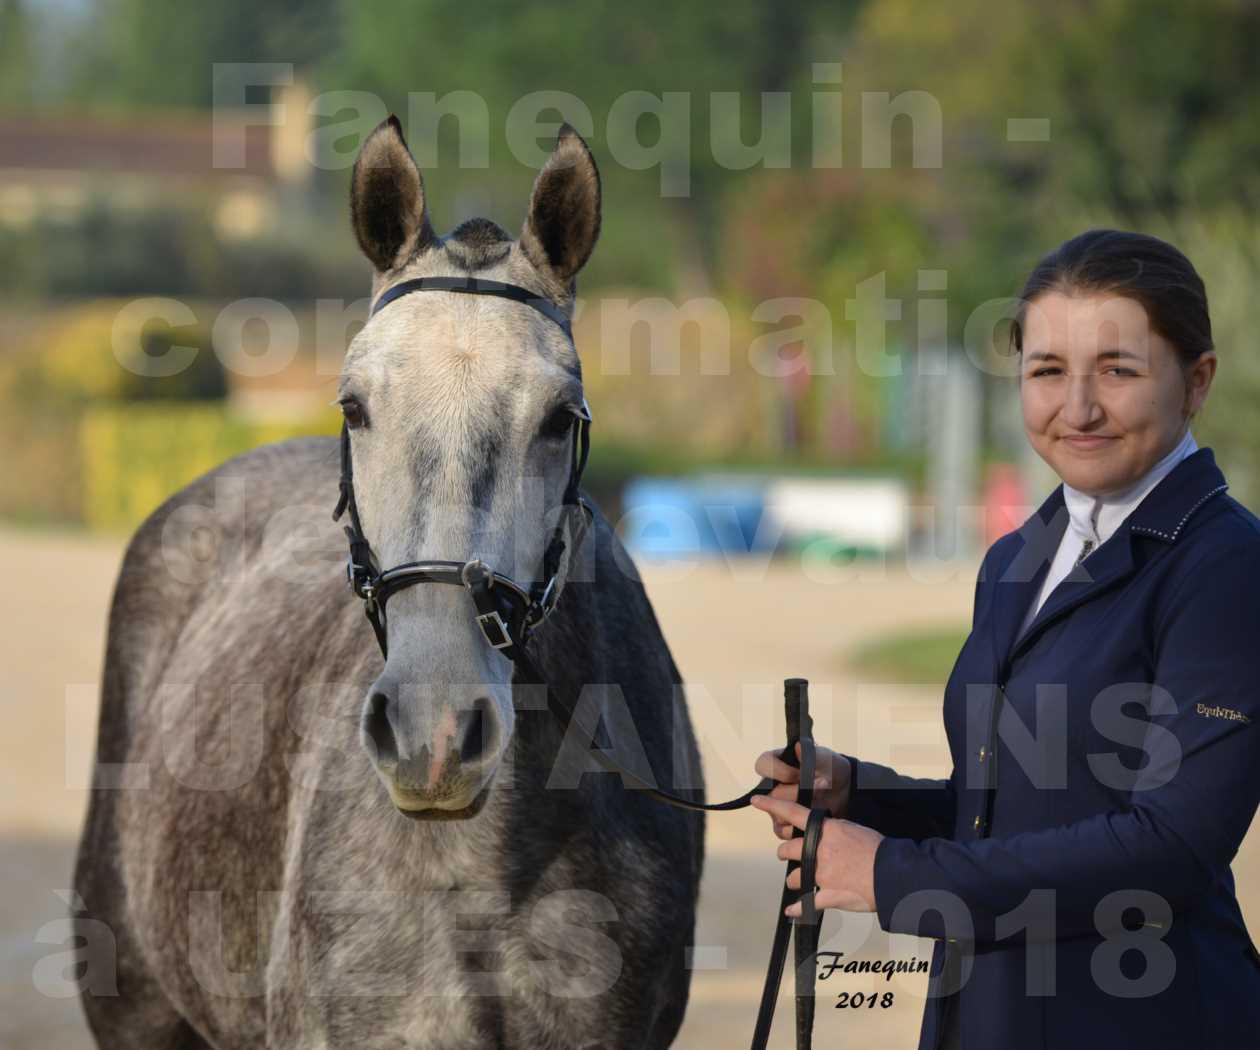 Confirmation de chevaux LUSITANIENS aux Haras d'UZES Novembre 2018 - DALIA DU CLOS - Portraits - 2